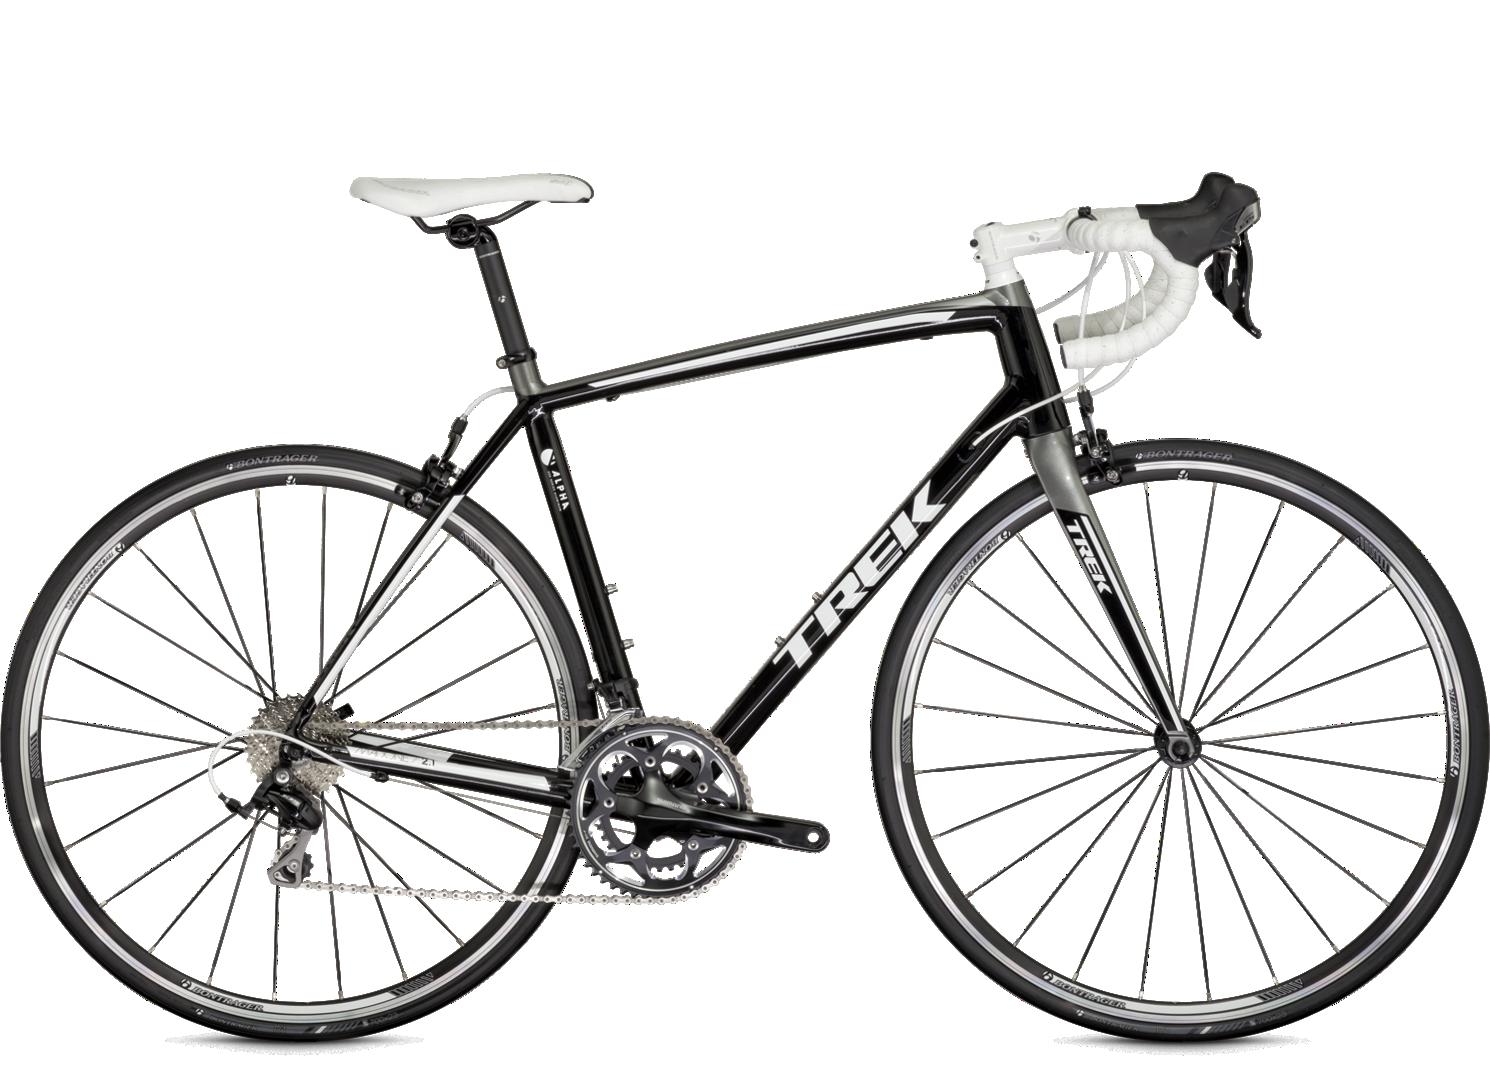 Madone 2 1 Trek Bicycle Trek Bicycle Trek Bikes Trek Road Bikes